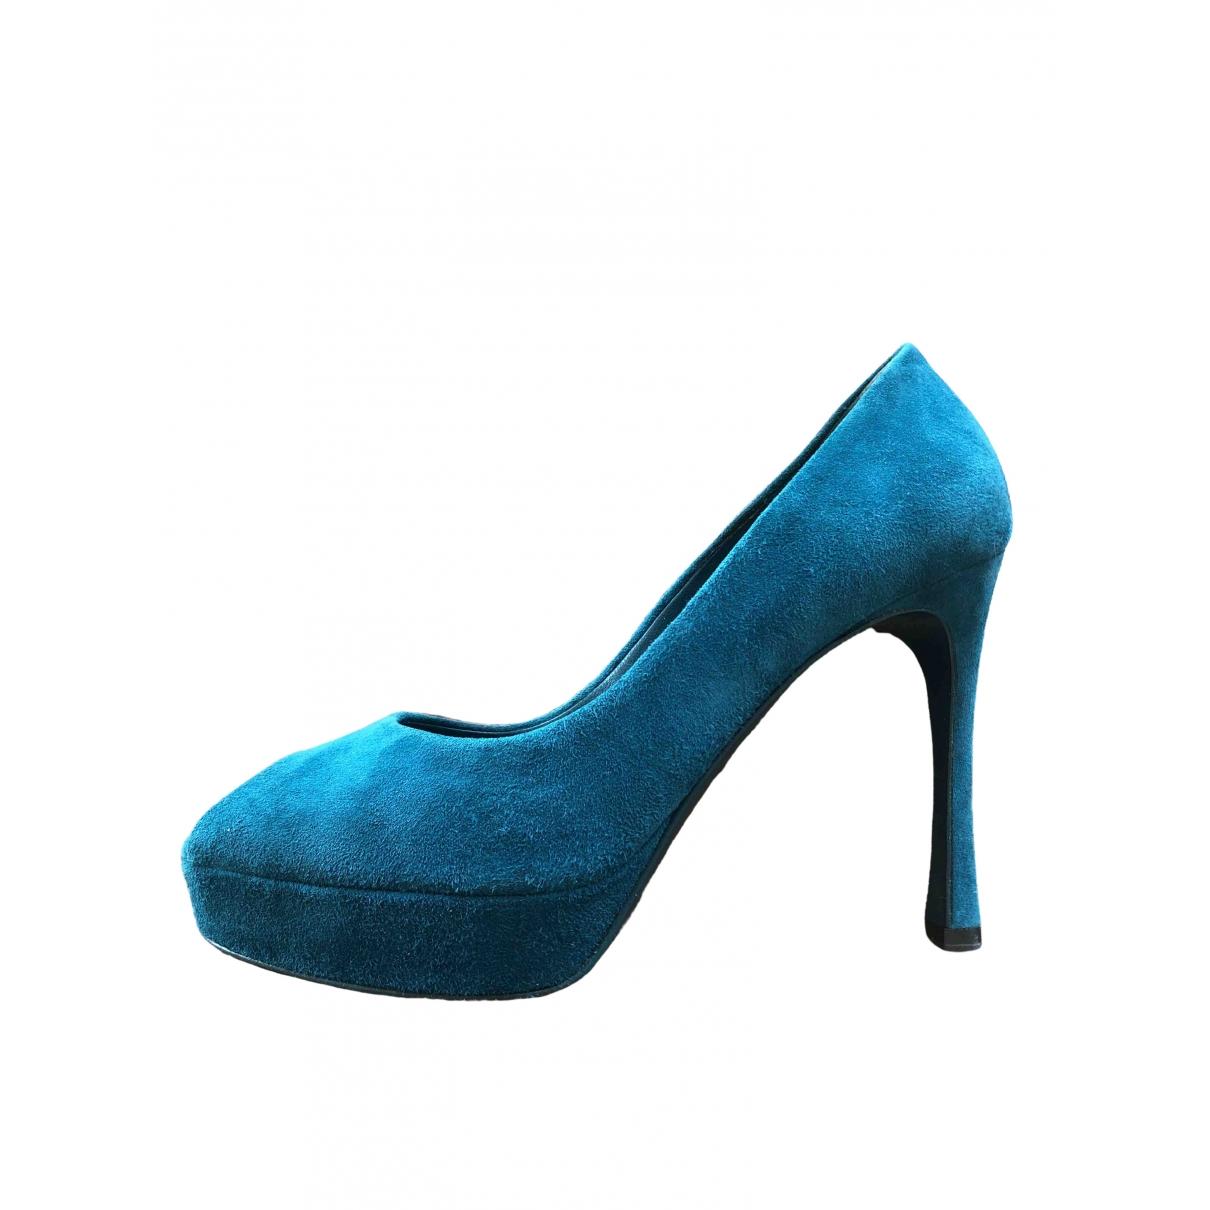 Yves Saint Laurent \N Pumps in  Blau Veloursleder